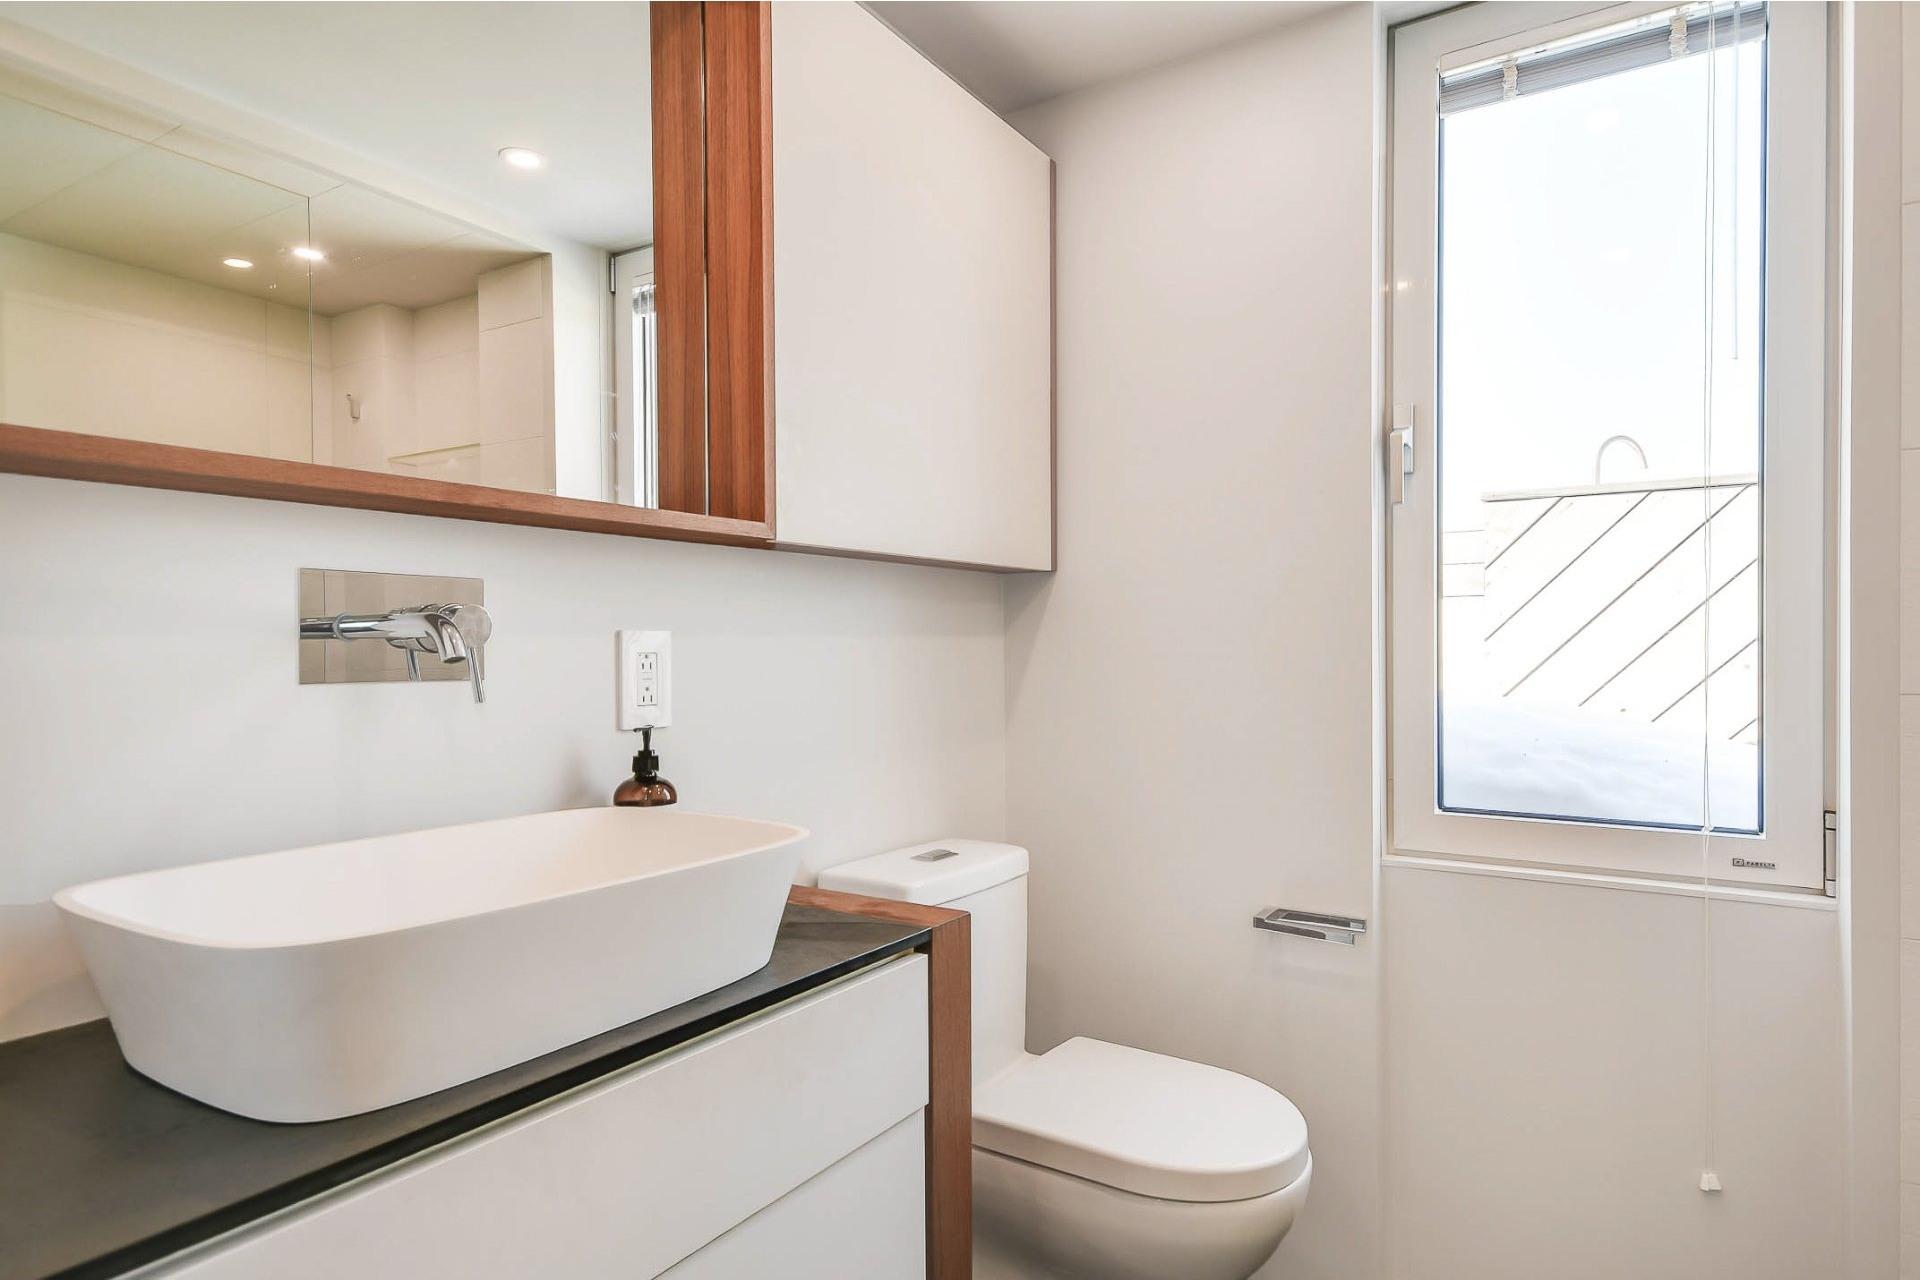 image 12 - Appartement À vendre Le Plateau-Mont-Royal Montréal  - 8 pièces